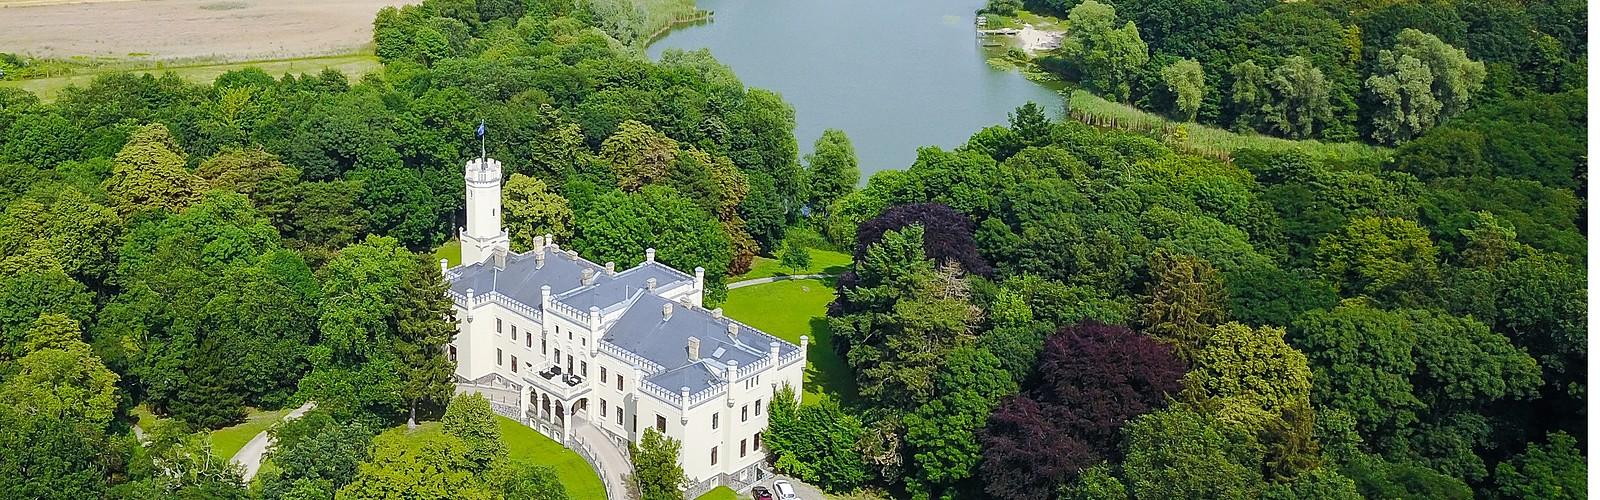 Aerial view, photo: Schloss Reichenow